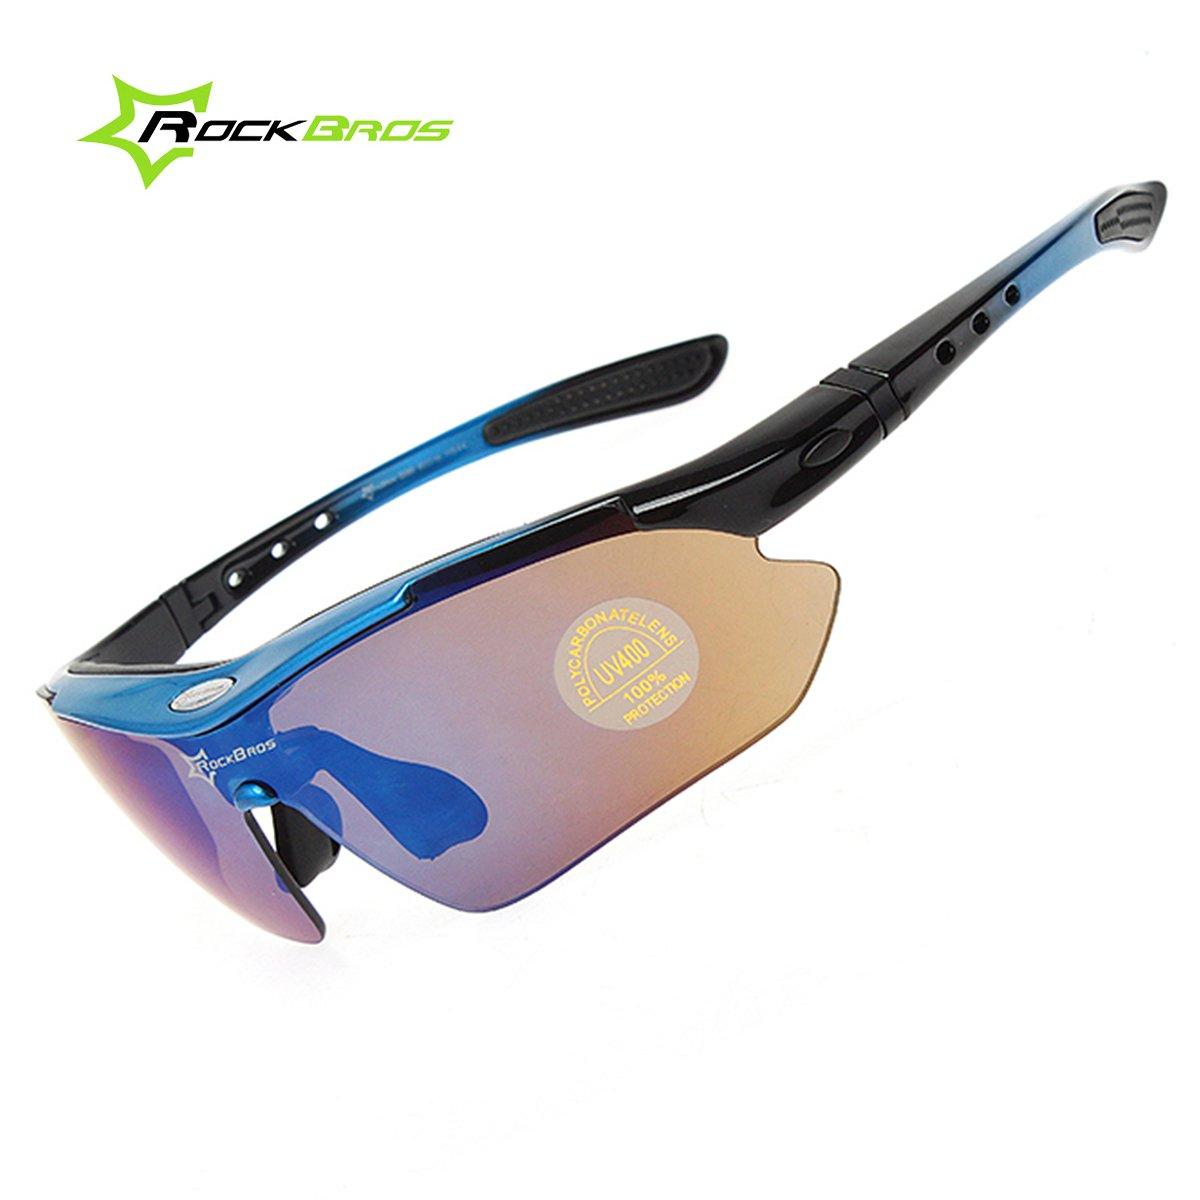 ROCKBROS Sunglasses Polarizada Goggles Gafas de Sol Gafas de Protección Gafas Deportivas Gafas de Ciclismo para Bike Bicicleta Bicycle Cycling CS012: ...